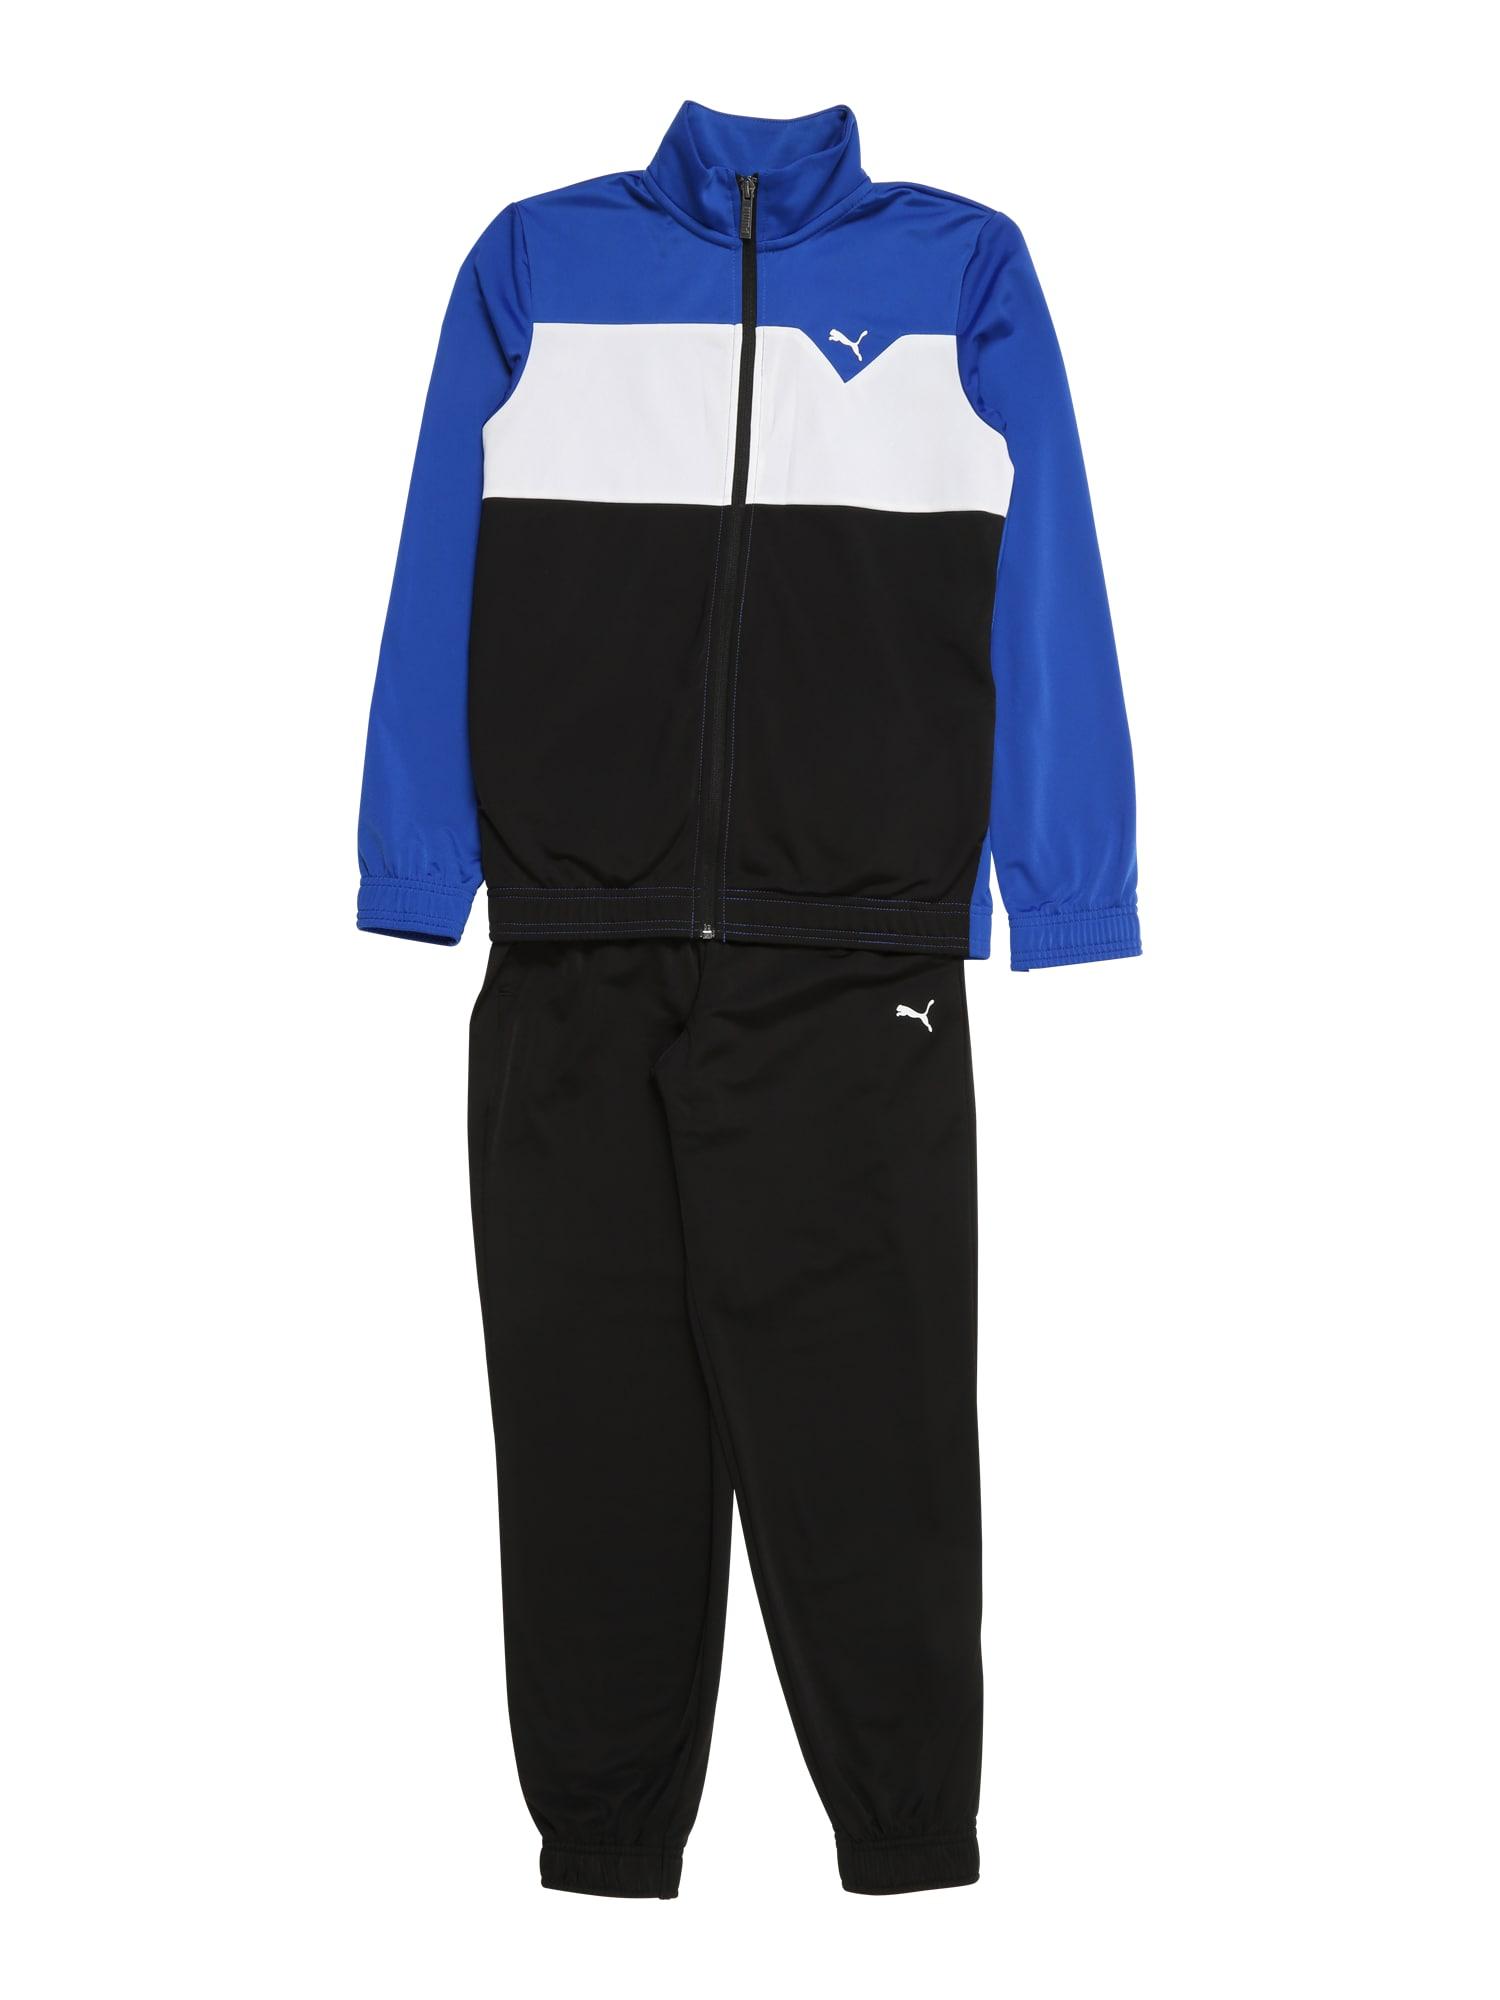 Tepláková souprava Tricot Suit I B modrá černá bílá PUMA